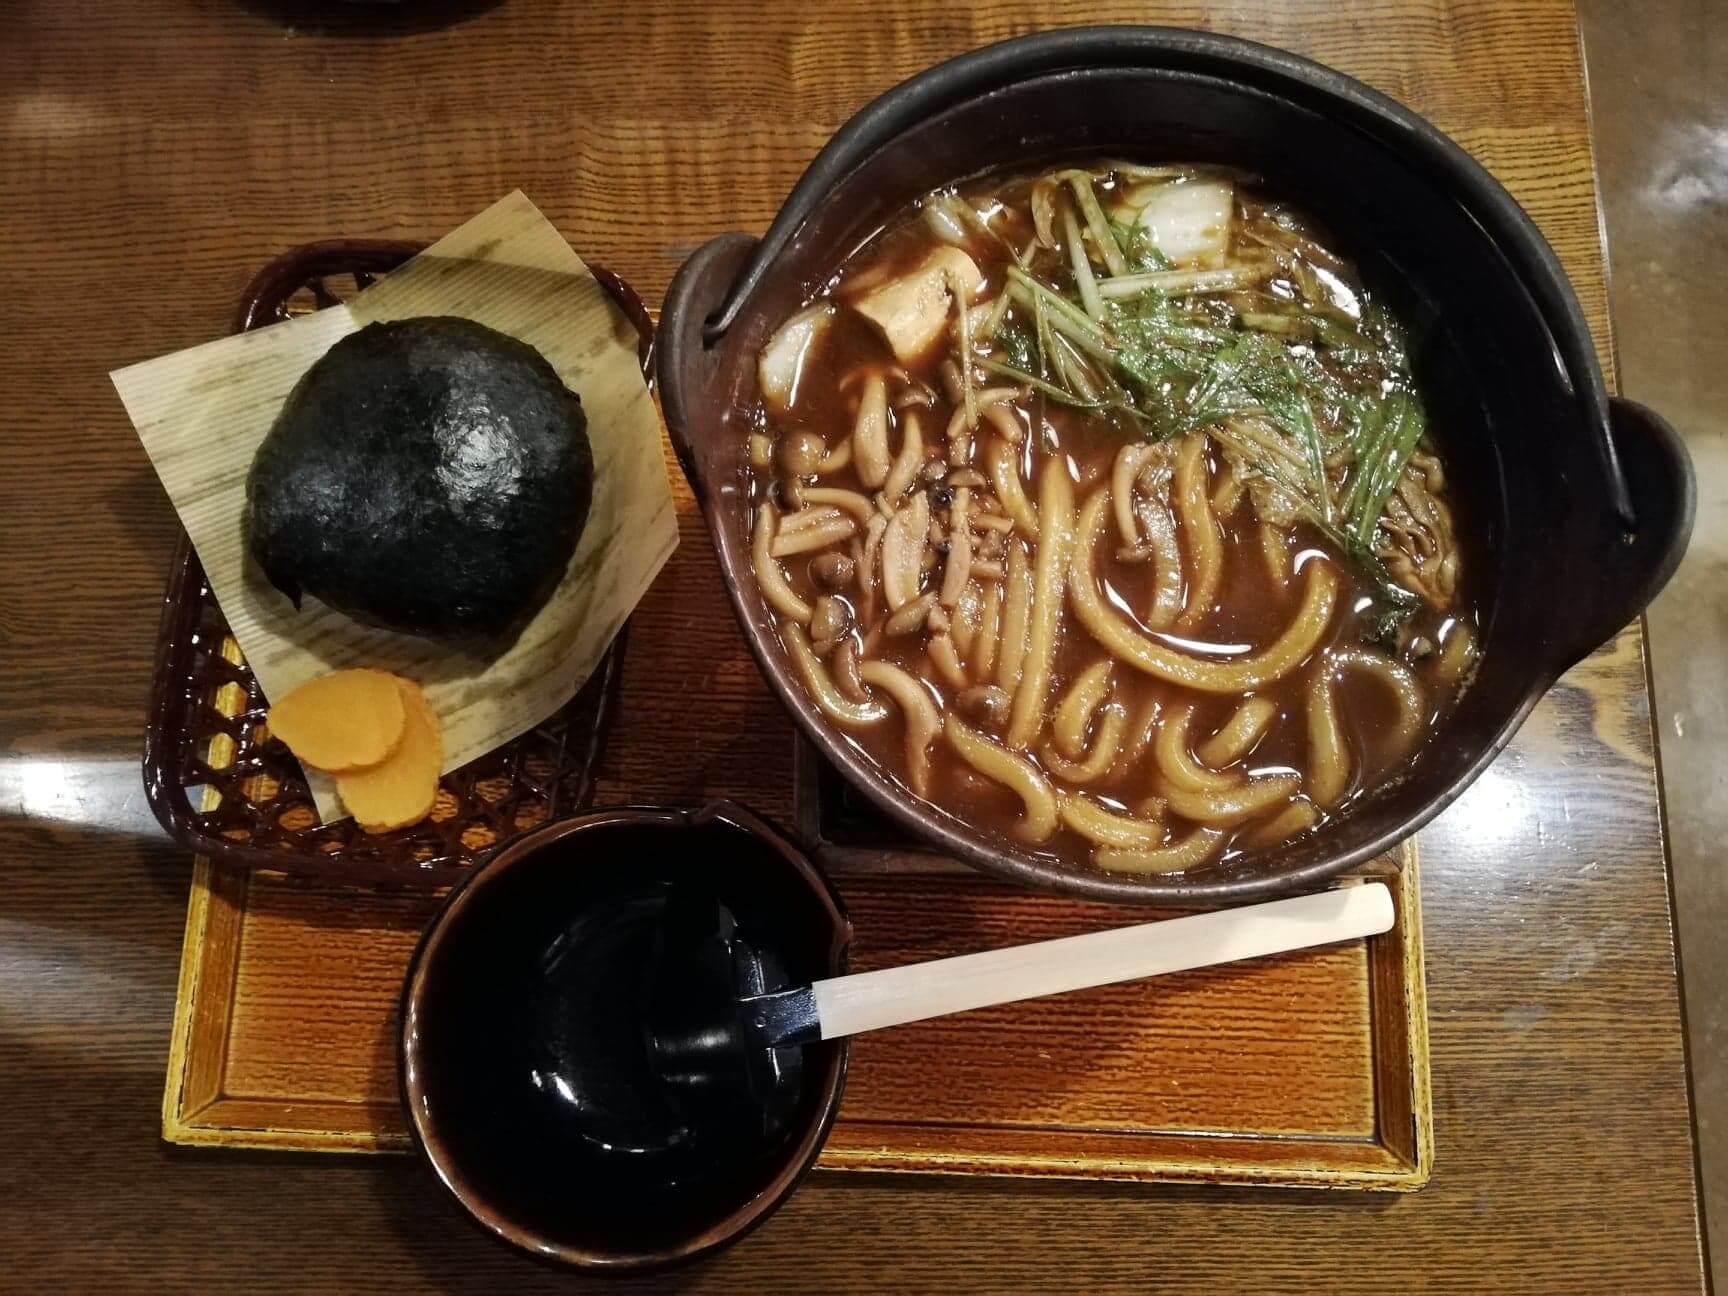 広島県の前空駅『田舎茶屋わたや大野店』の、牡蠣の味噌バター鍋焼うどんと山賊むすびセットの写真